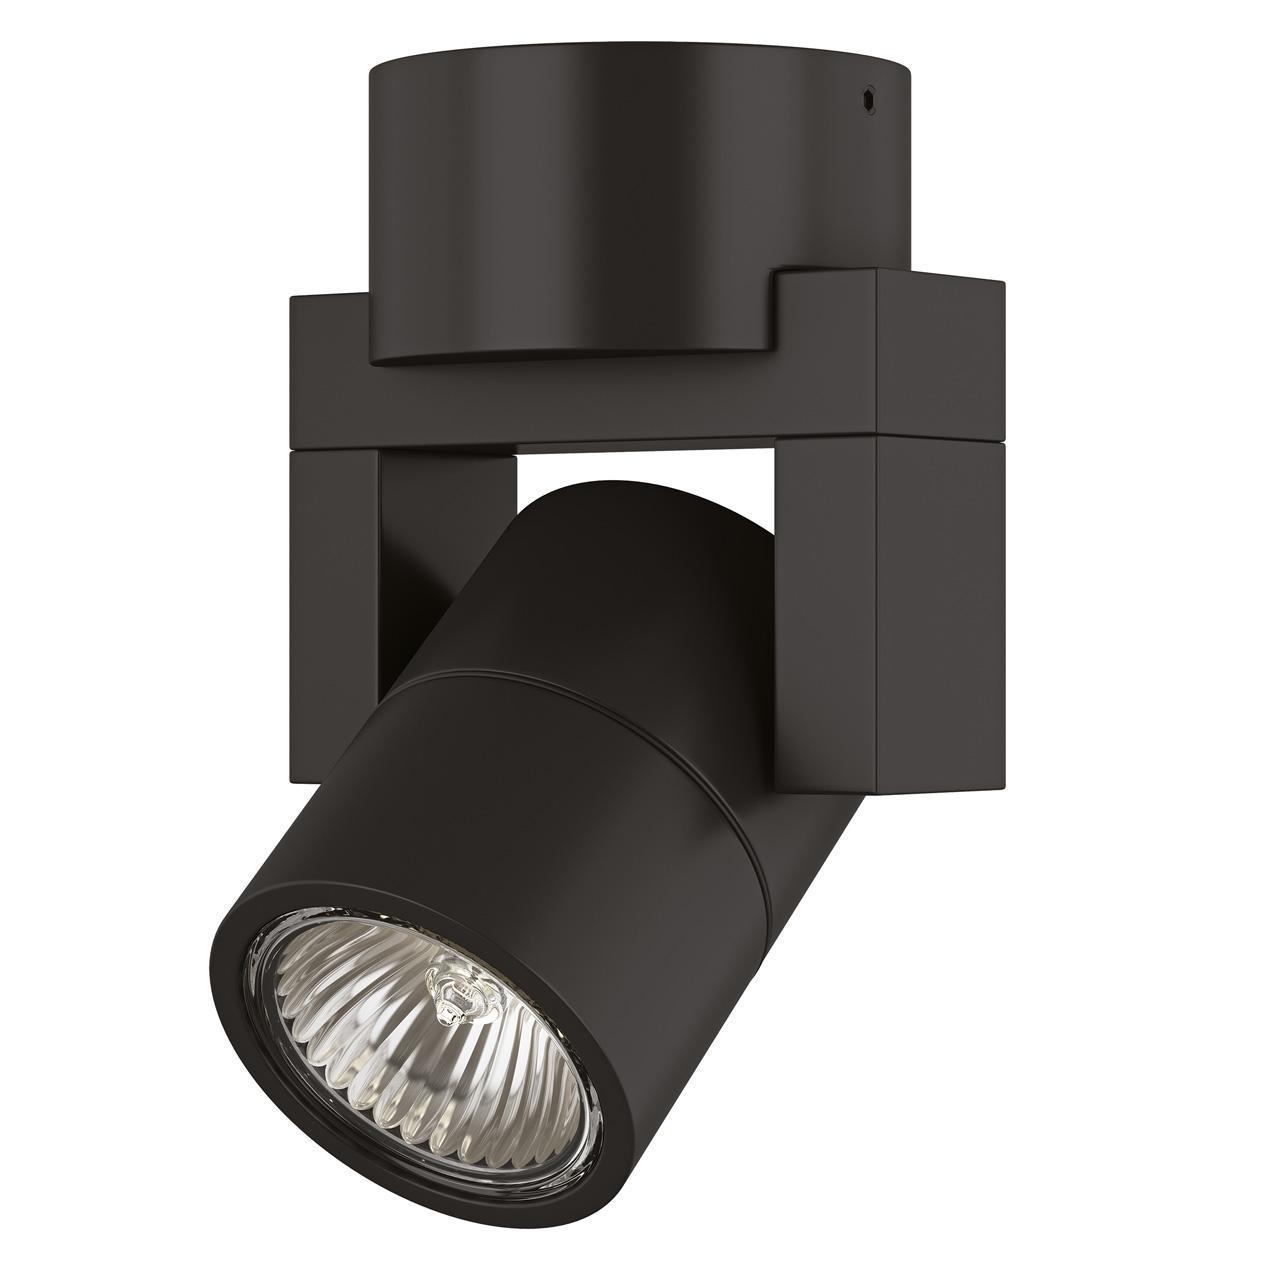 Потолочный светильник Lightstar Illumo L1 Alu 051047 lightstar потолочный светильник lightstar illumo l1 051040